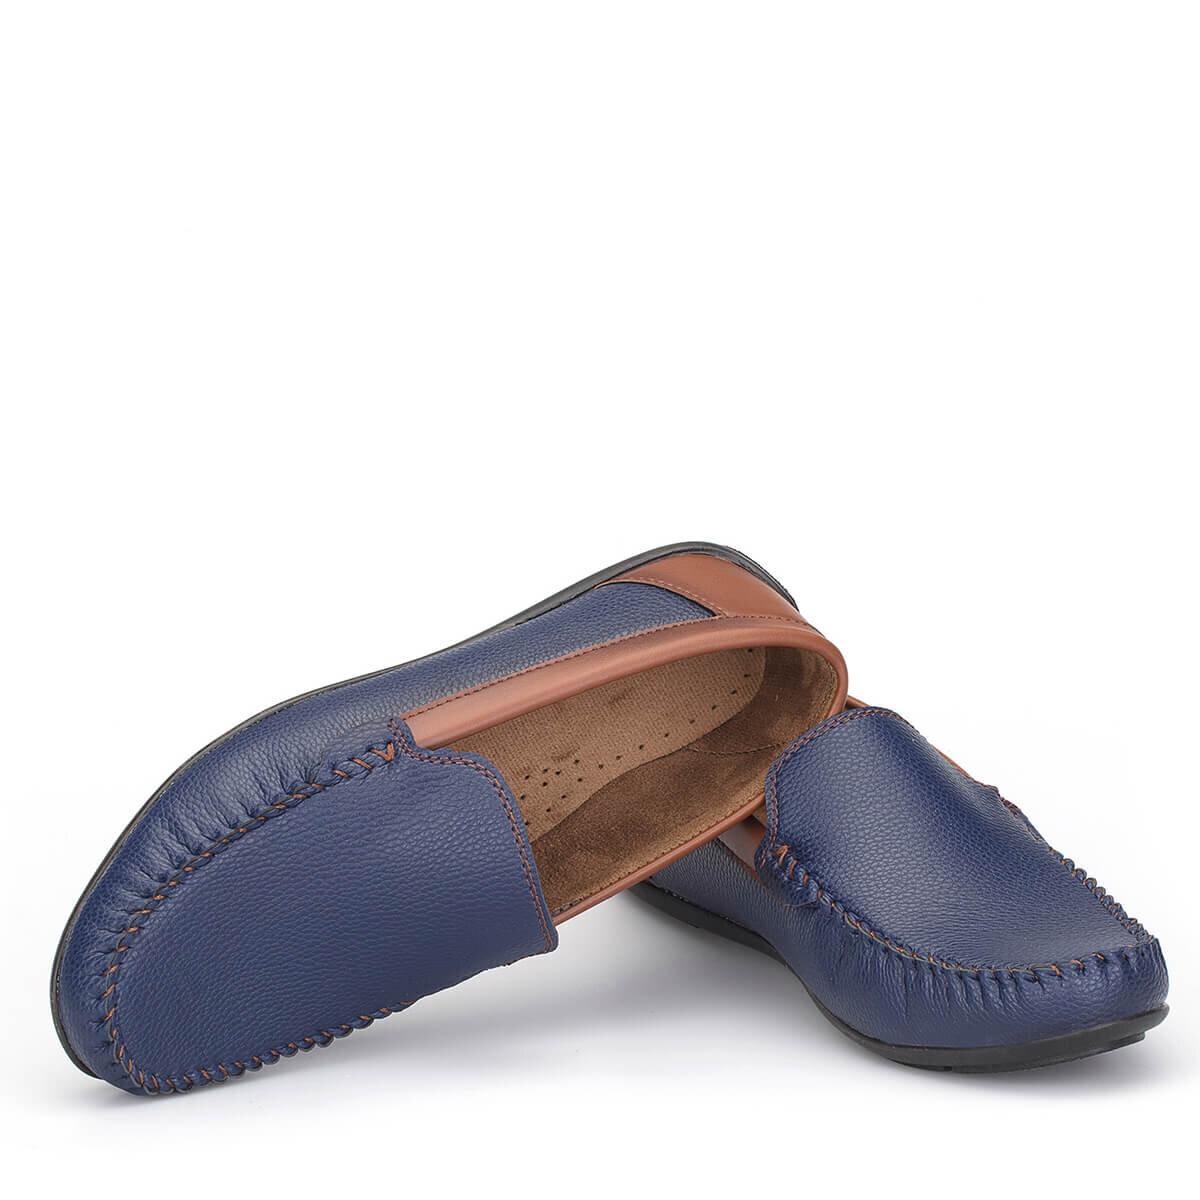 Lacivert Erkek Loafer Ayakkabı LFR001LCTBX